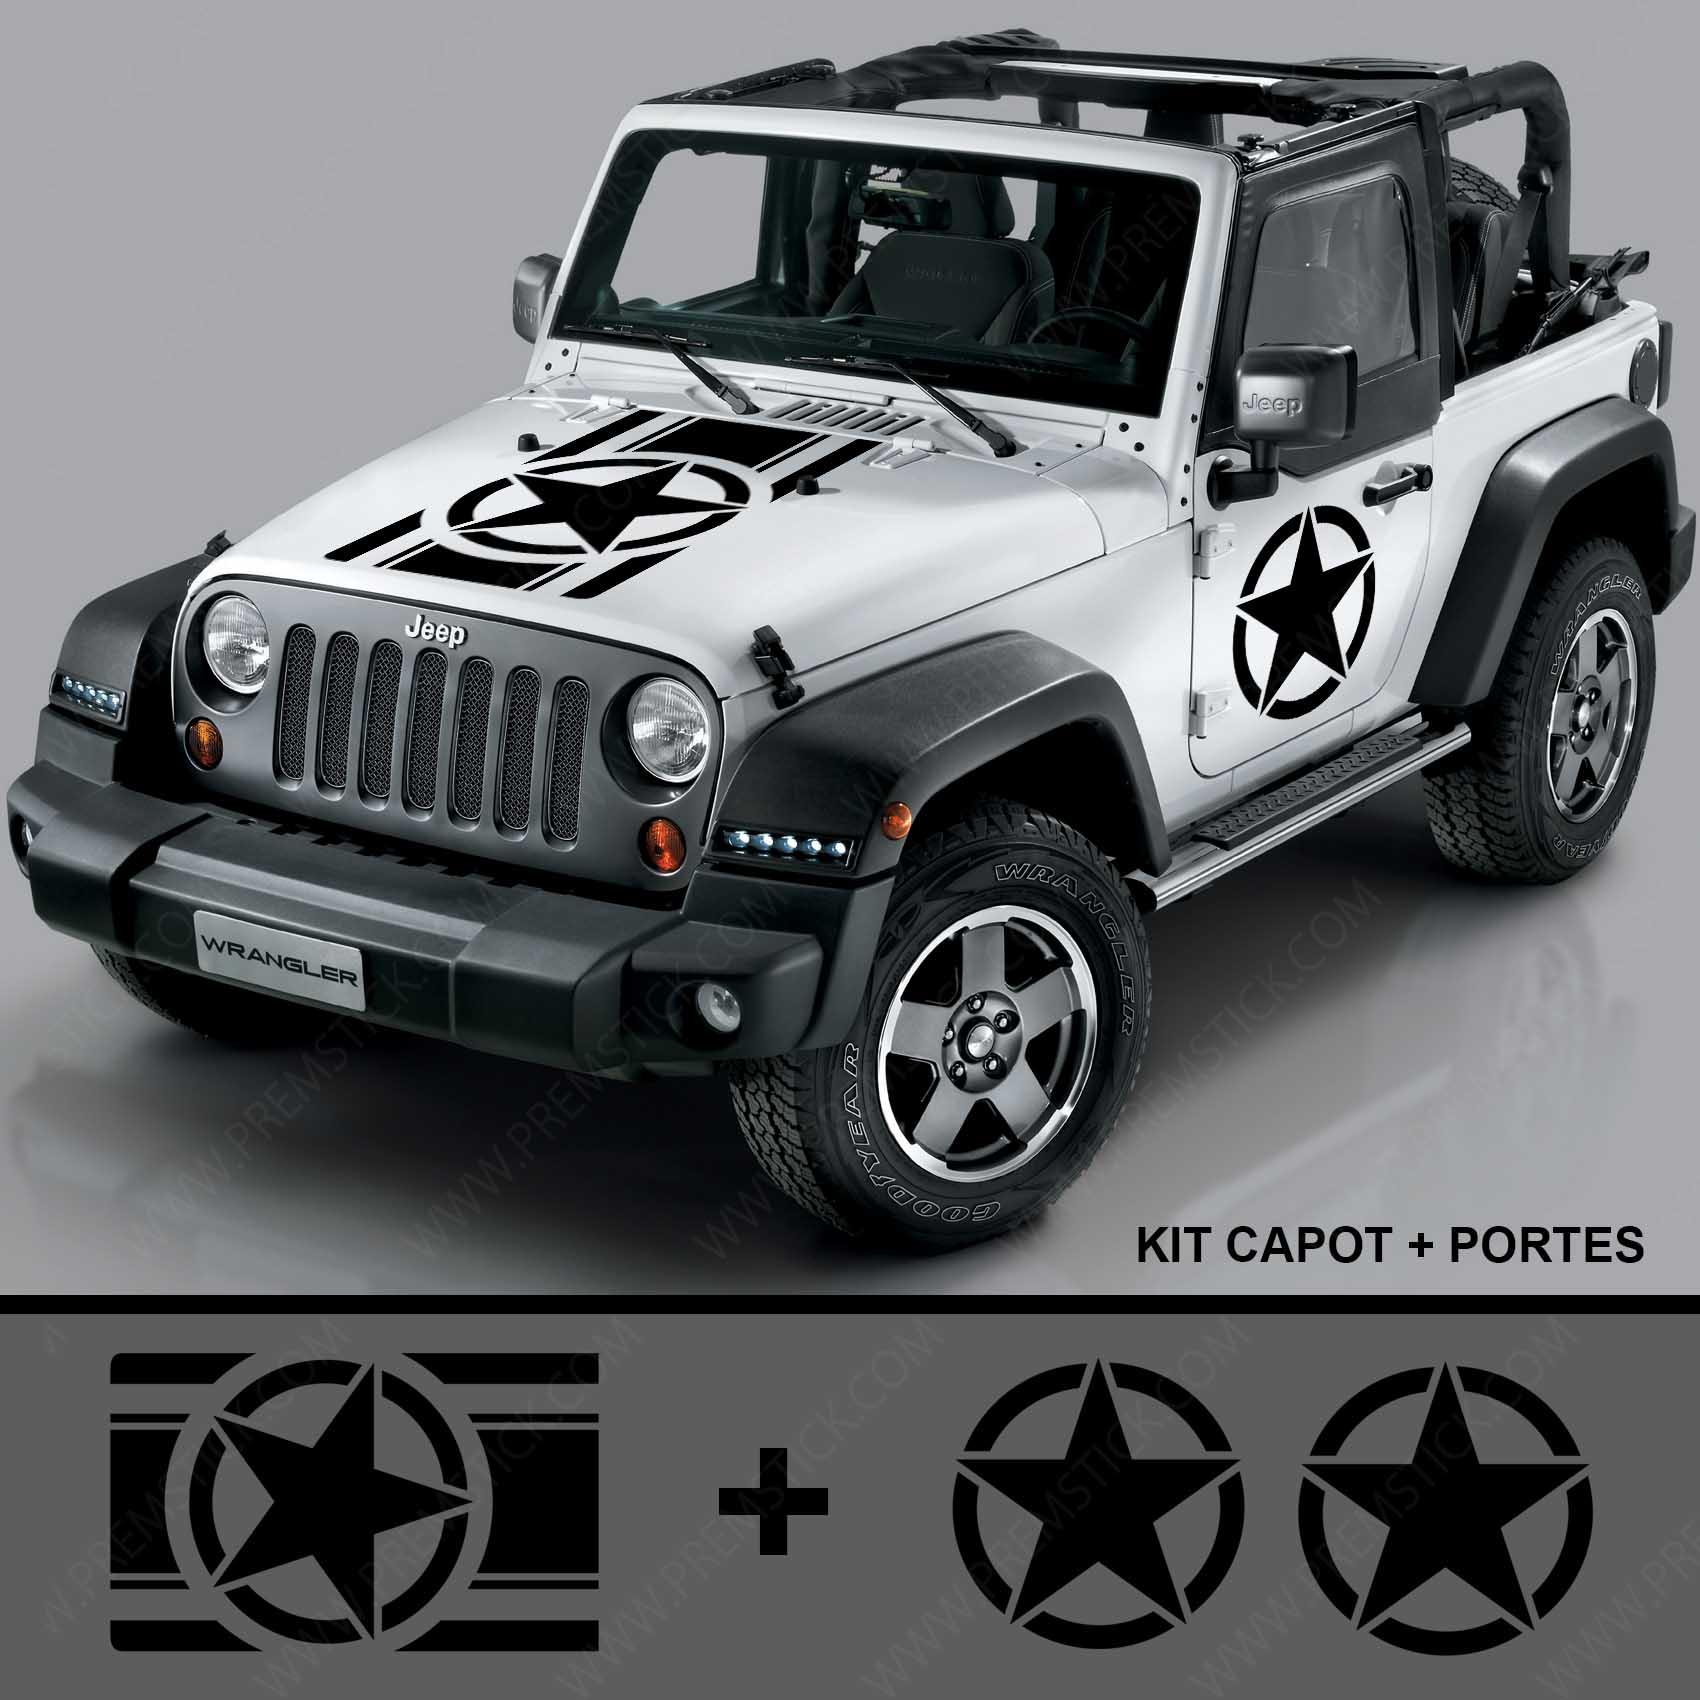 Jeep 1700x1700 Capot et portiere KIT 1